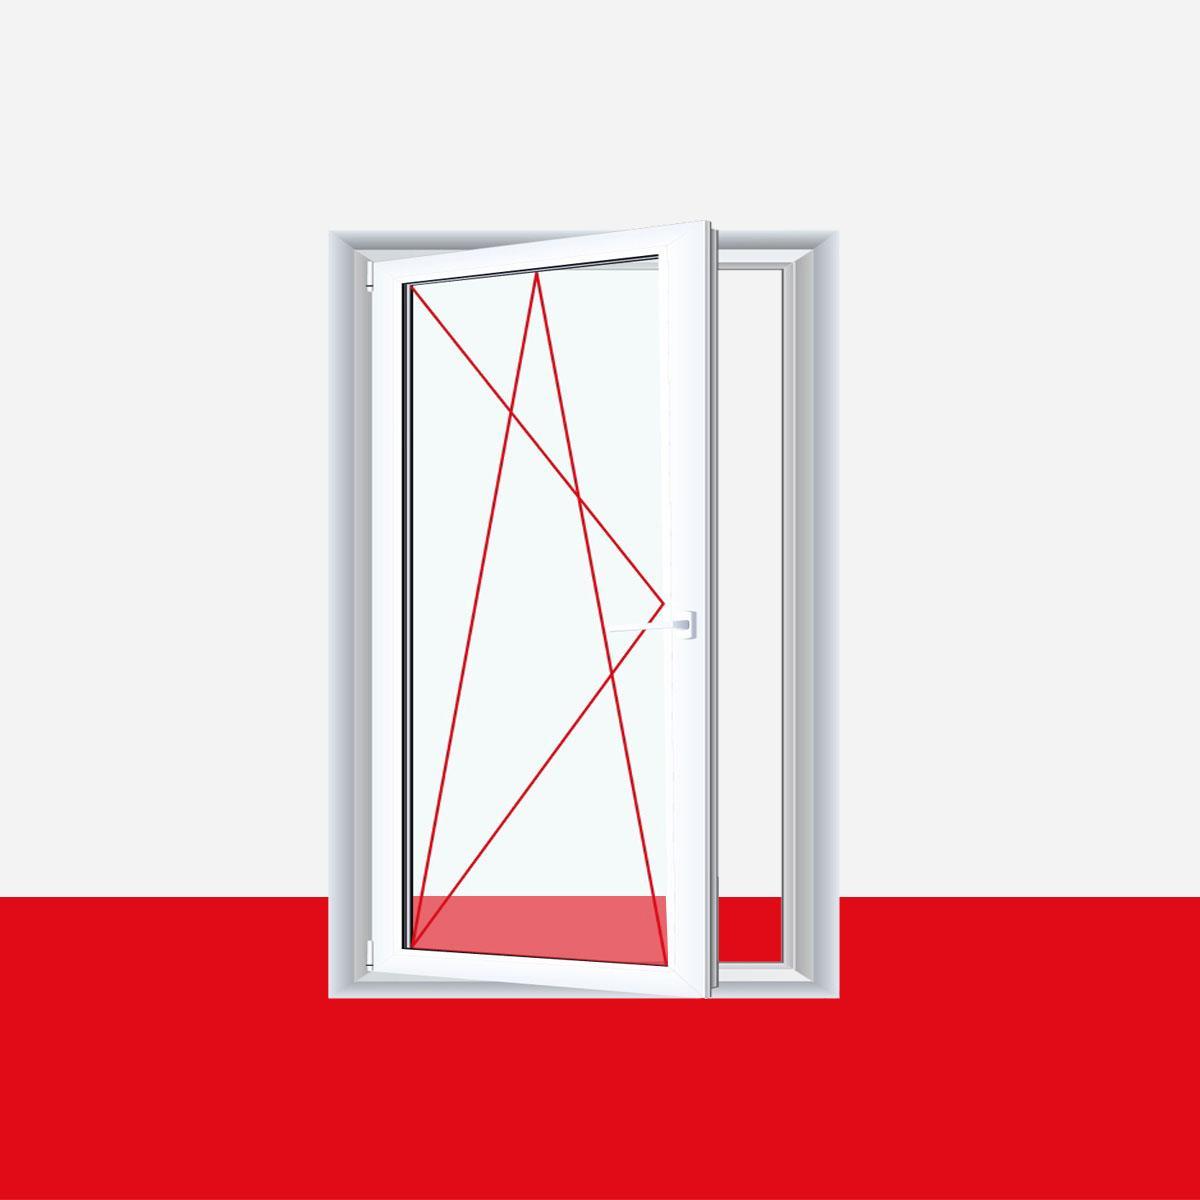 kunststofffenster drutex iglo light 5 kammer dreh kipp schmaler rahmen shop fenster alle profile. Black Bedroom Furniture Sets. Home Design Ideas